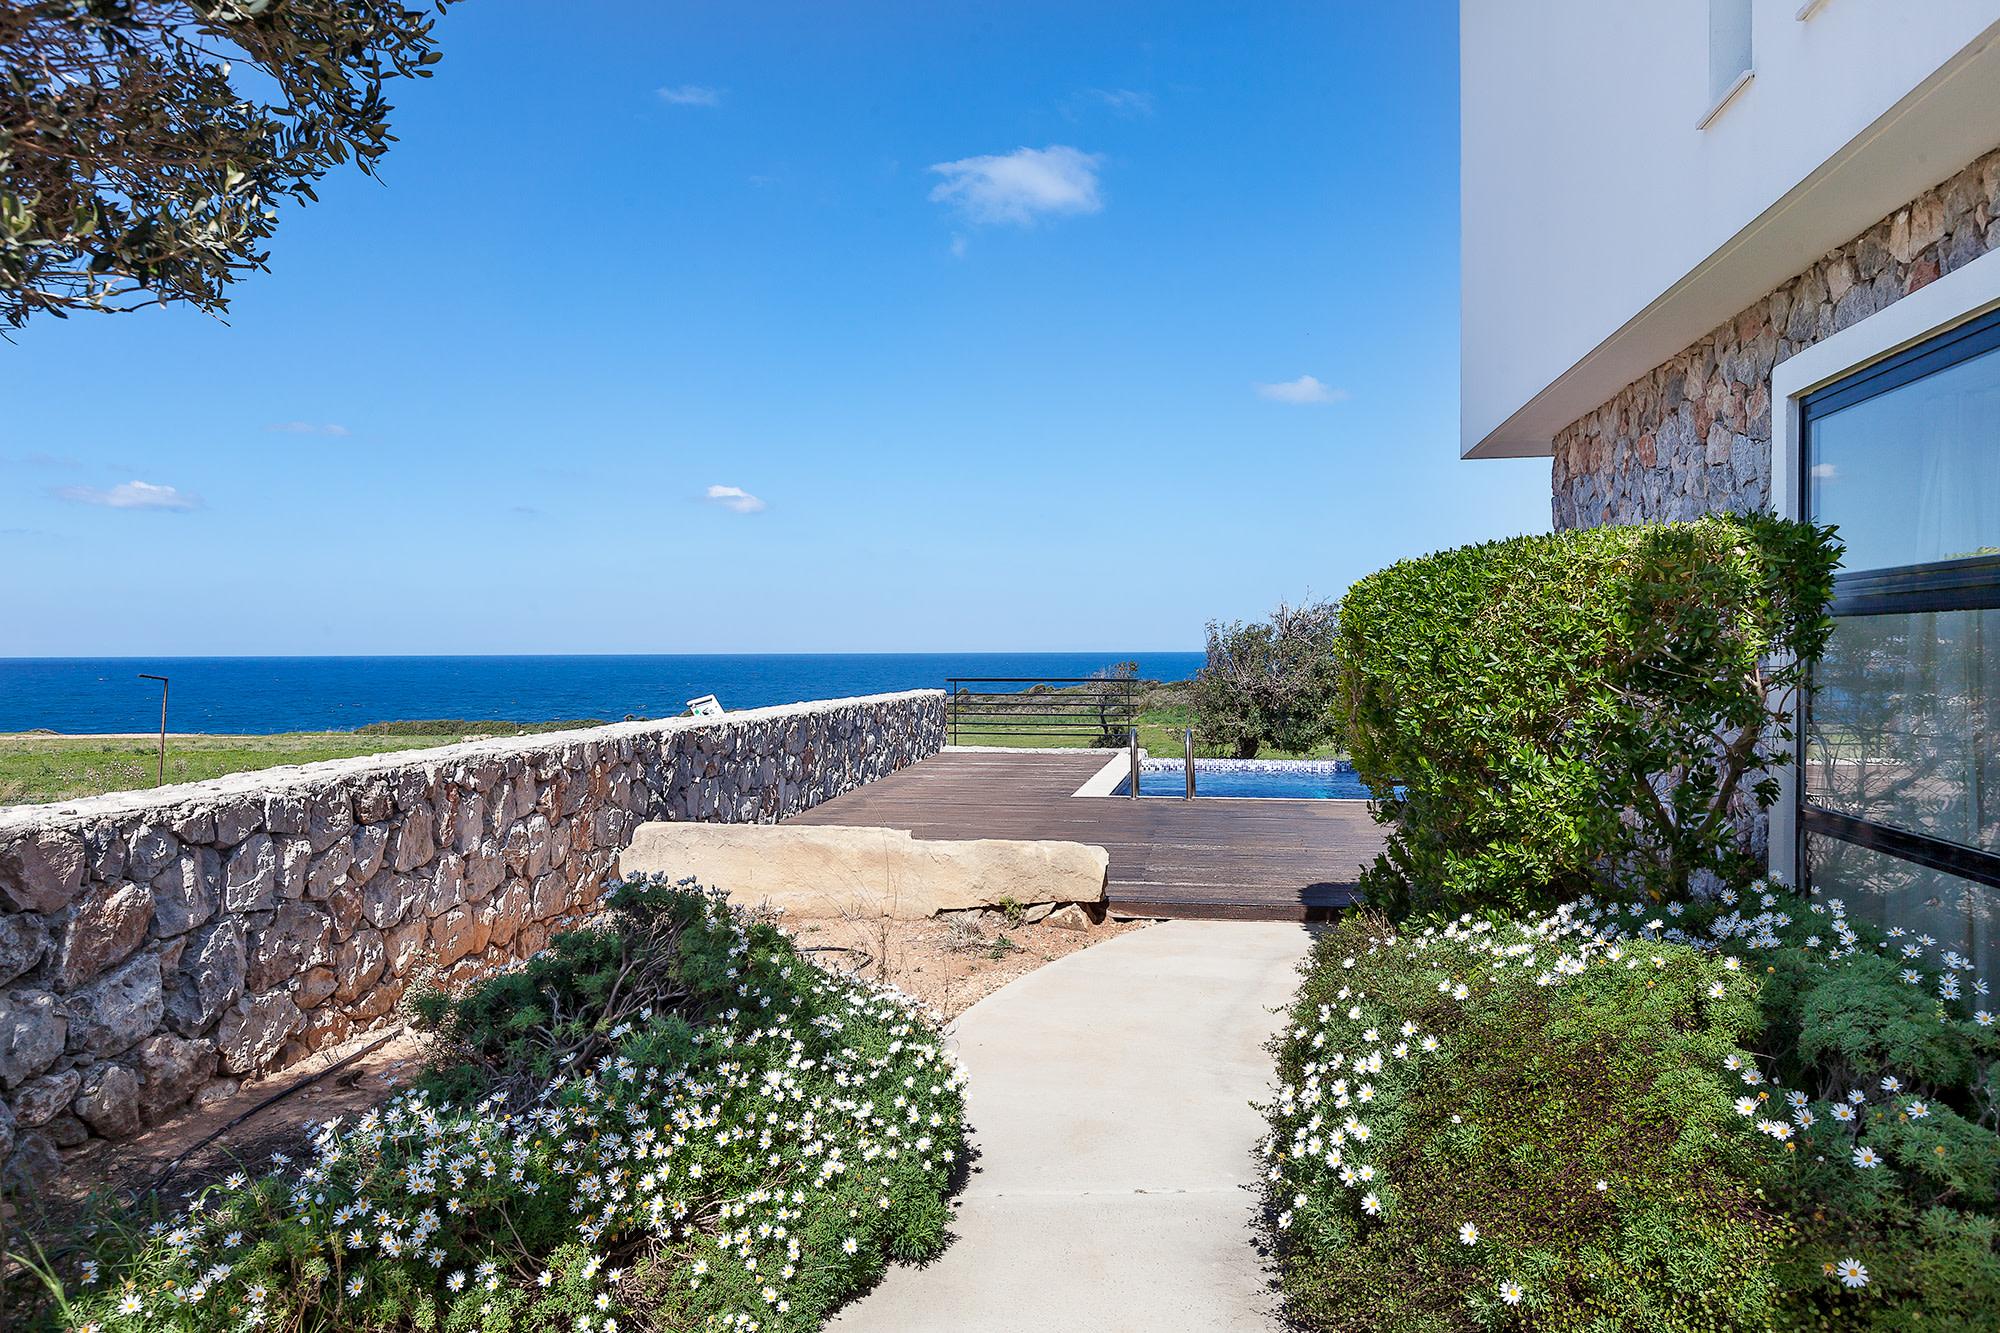 Bahçeli'de Satılık Denize Sıfır 3 Yatak Odalı ve Özel Havuzlu Villalar 9863